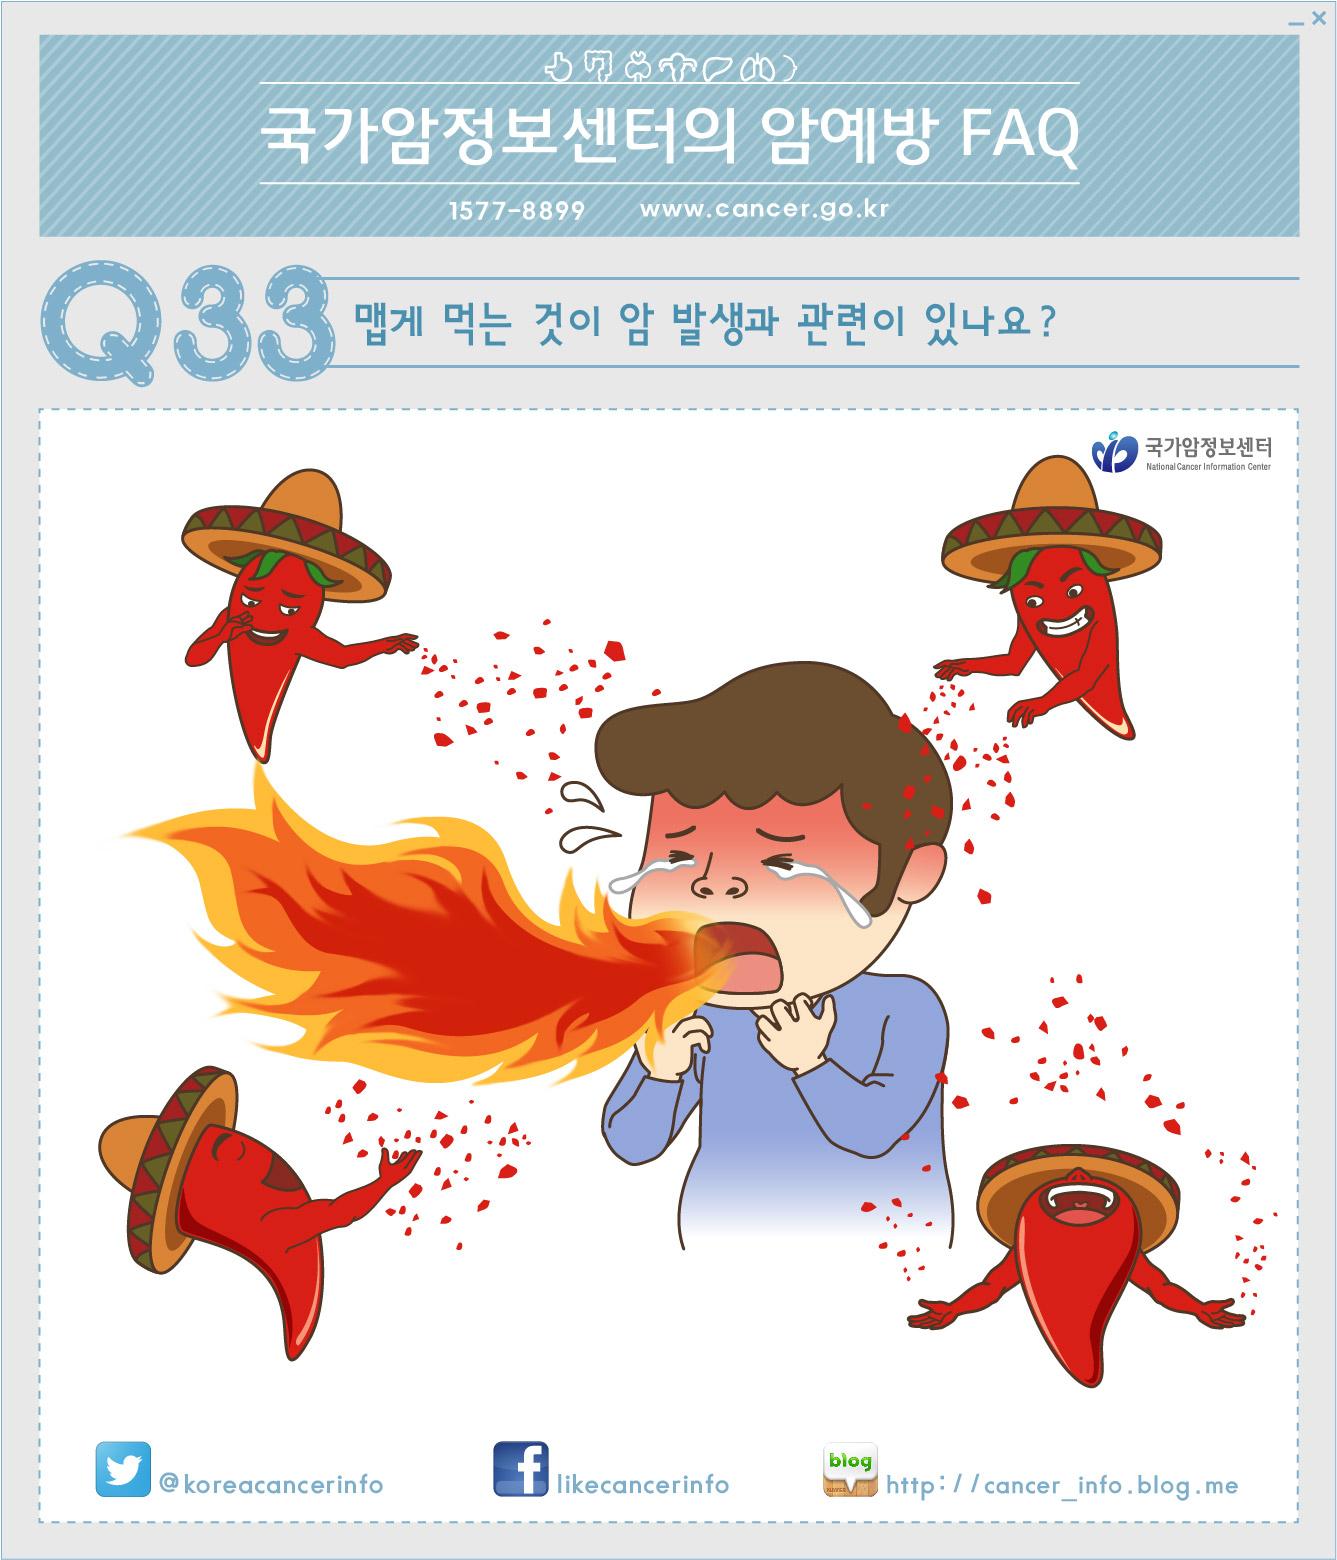 [국가암정보센터 암예방 FAQ] 33. 맵게 먹는 것이 ..